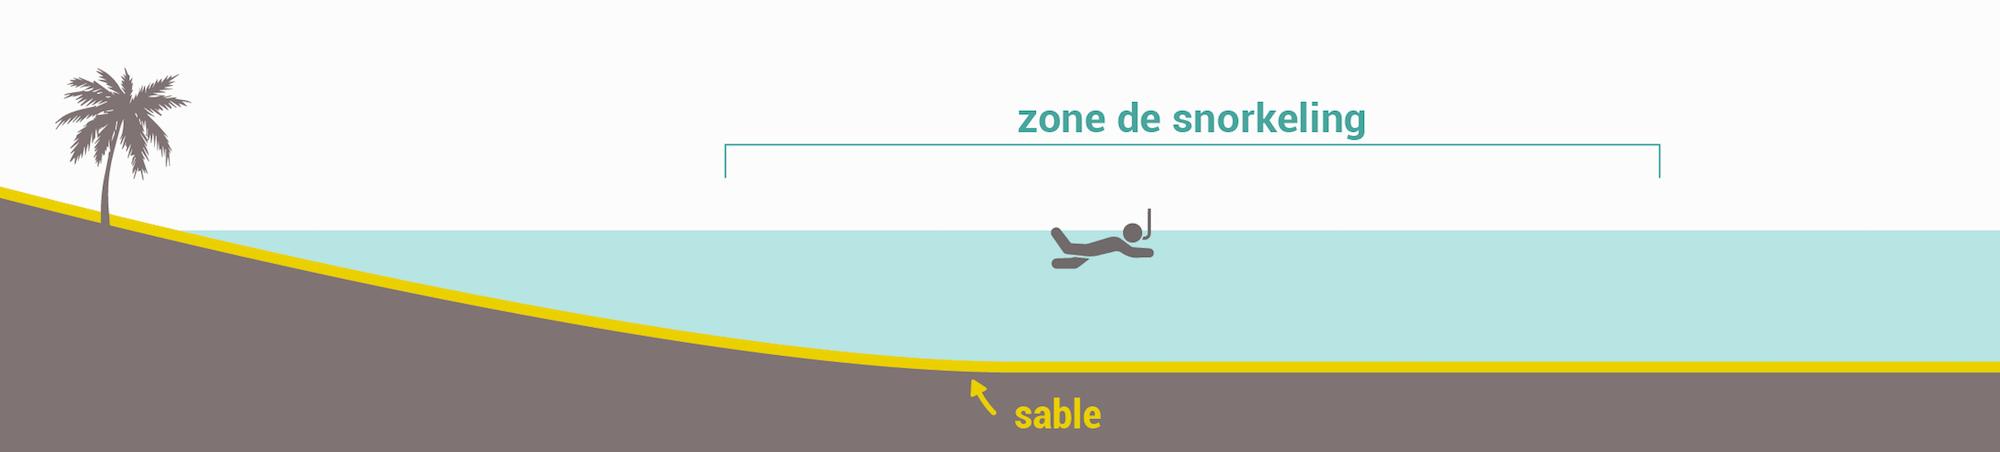 Les types de spots de snorkeling - Fonds sableux